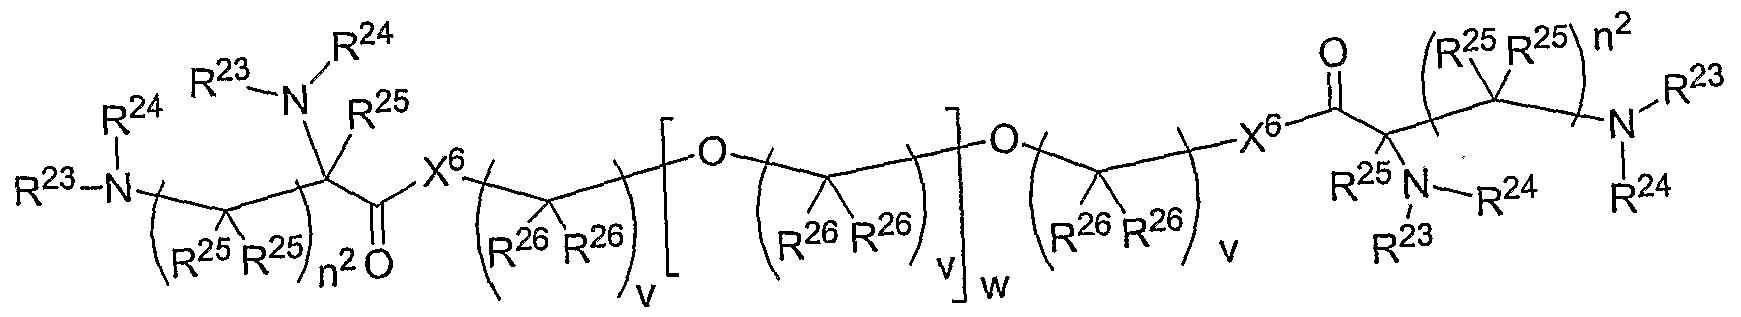 Figure imgf000306_0003